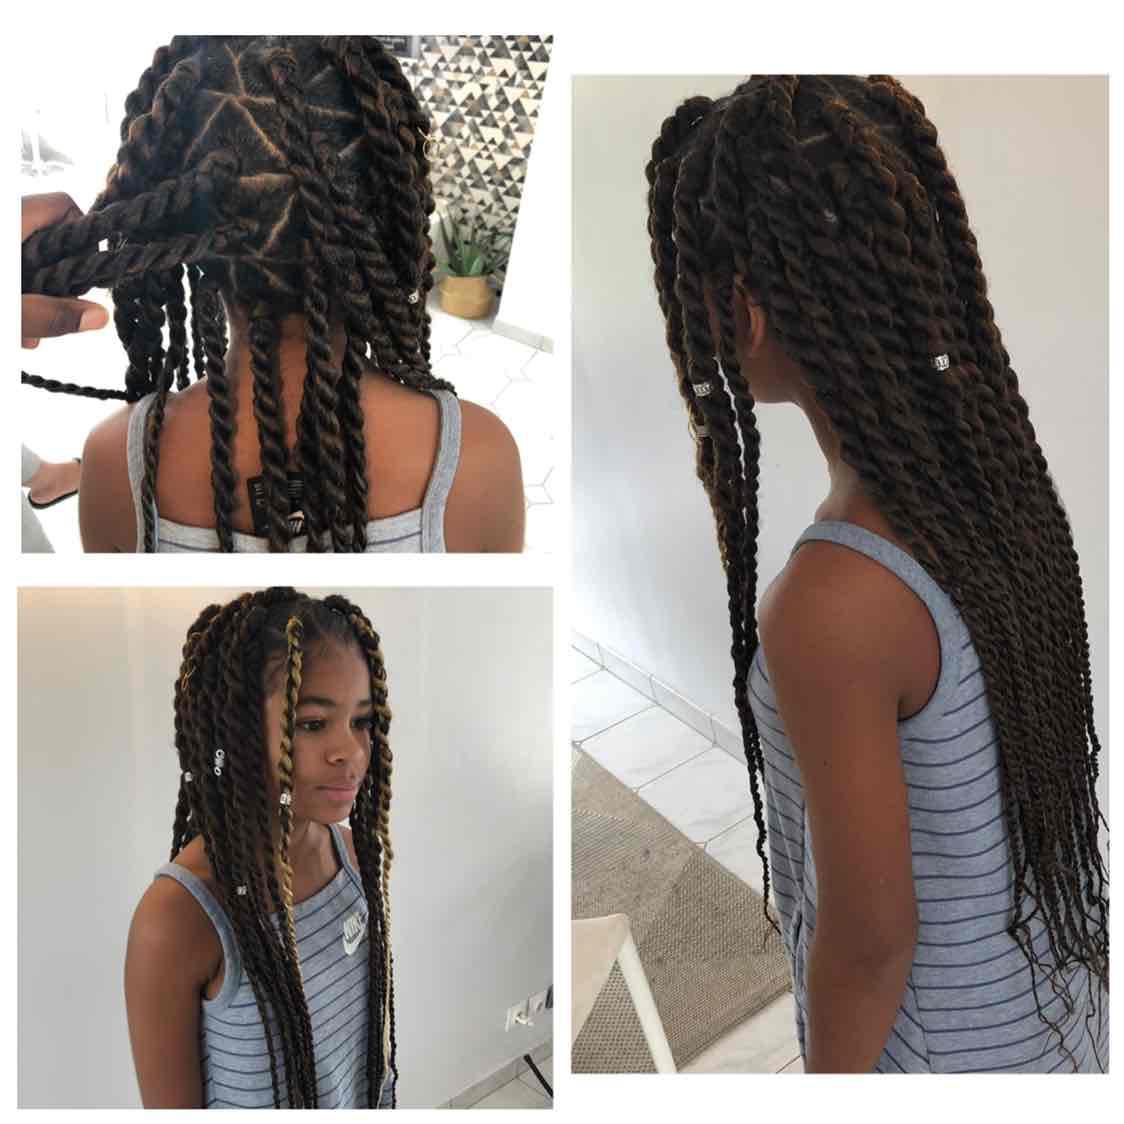 salon de coiffure afro tresse tresses box braids crochet braids vanilles tissages paris 75 77 78 91 92 93 94 95 FGAOCTXV